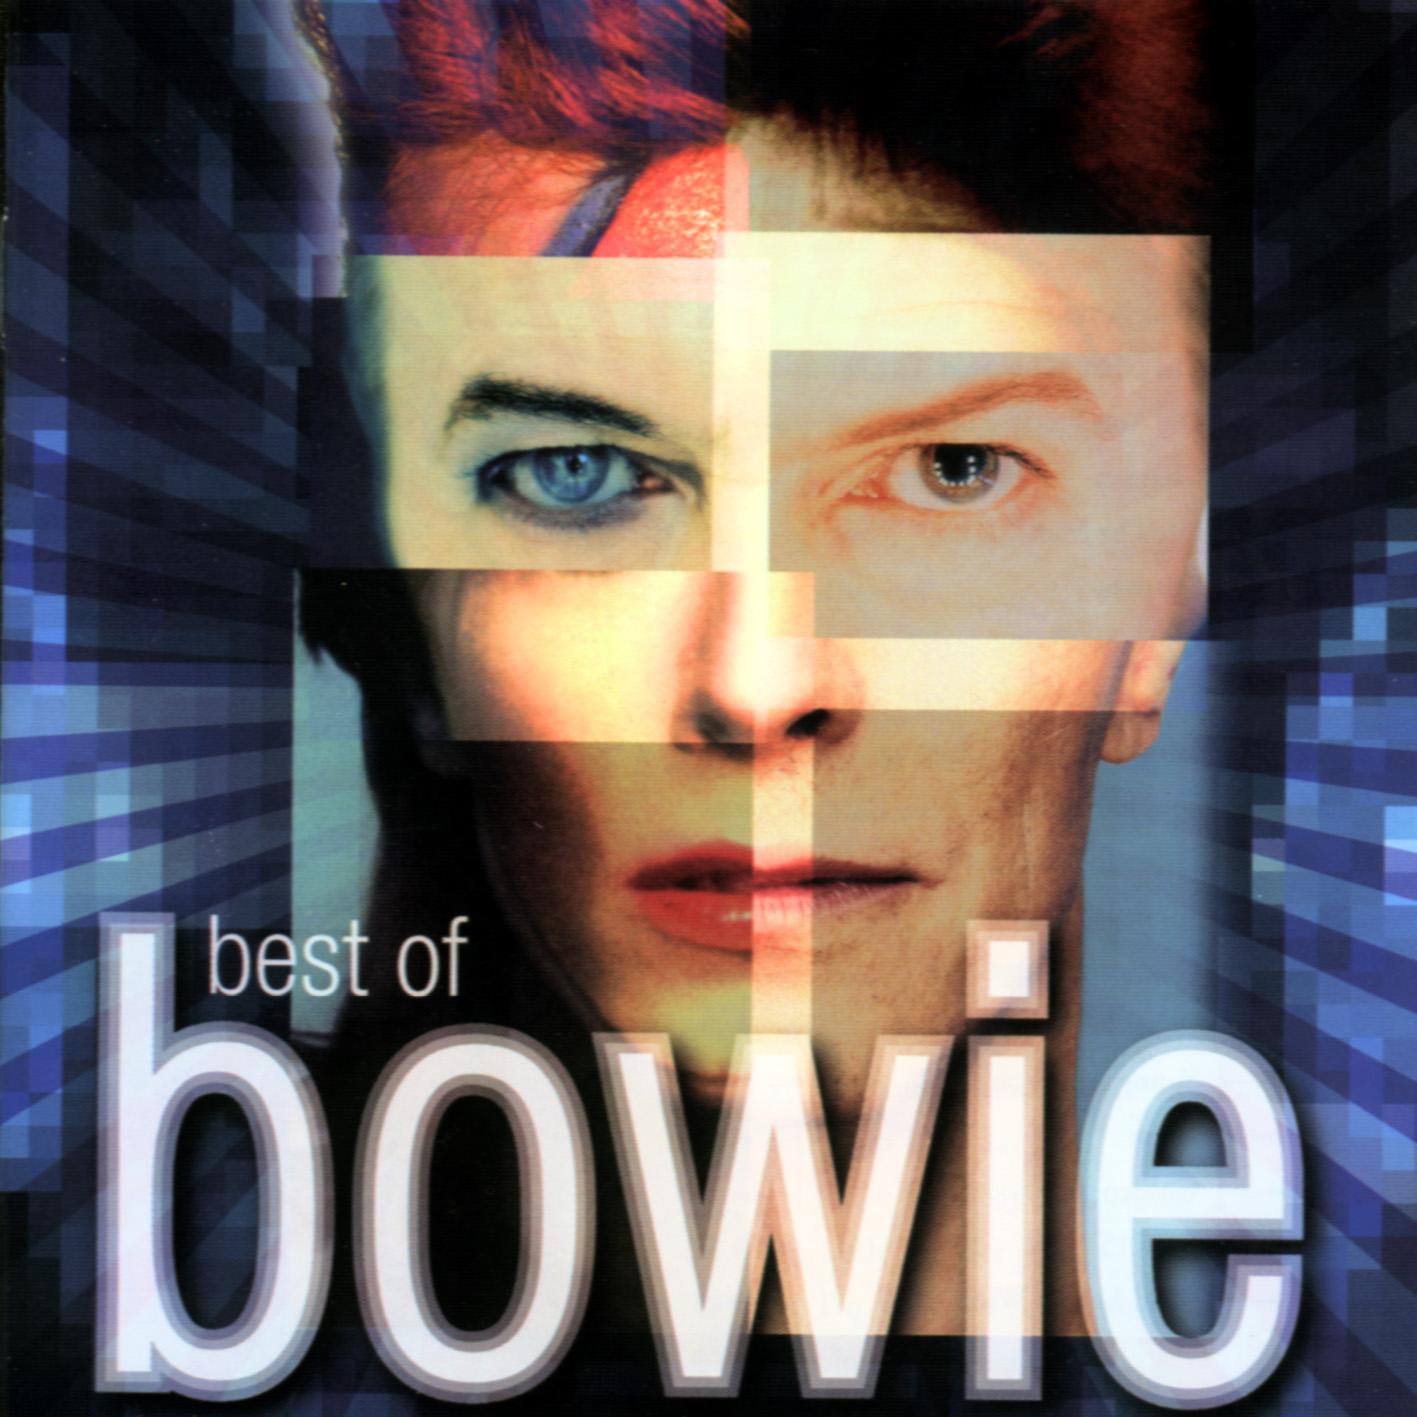 David Bowie Best of Album